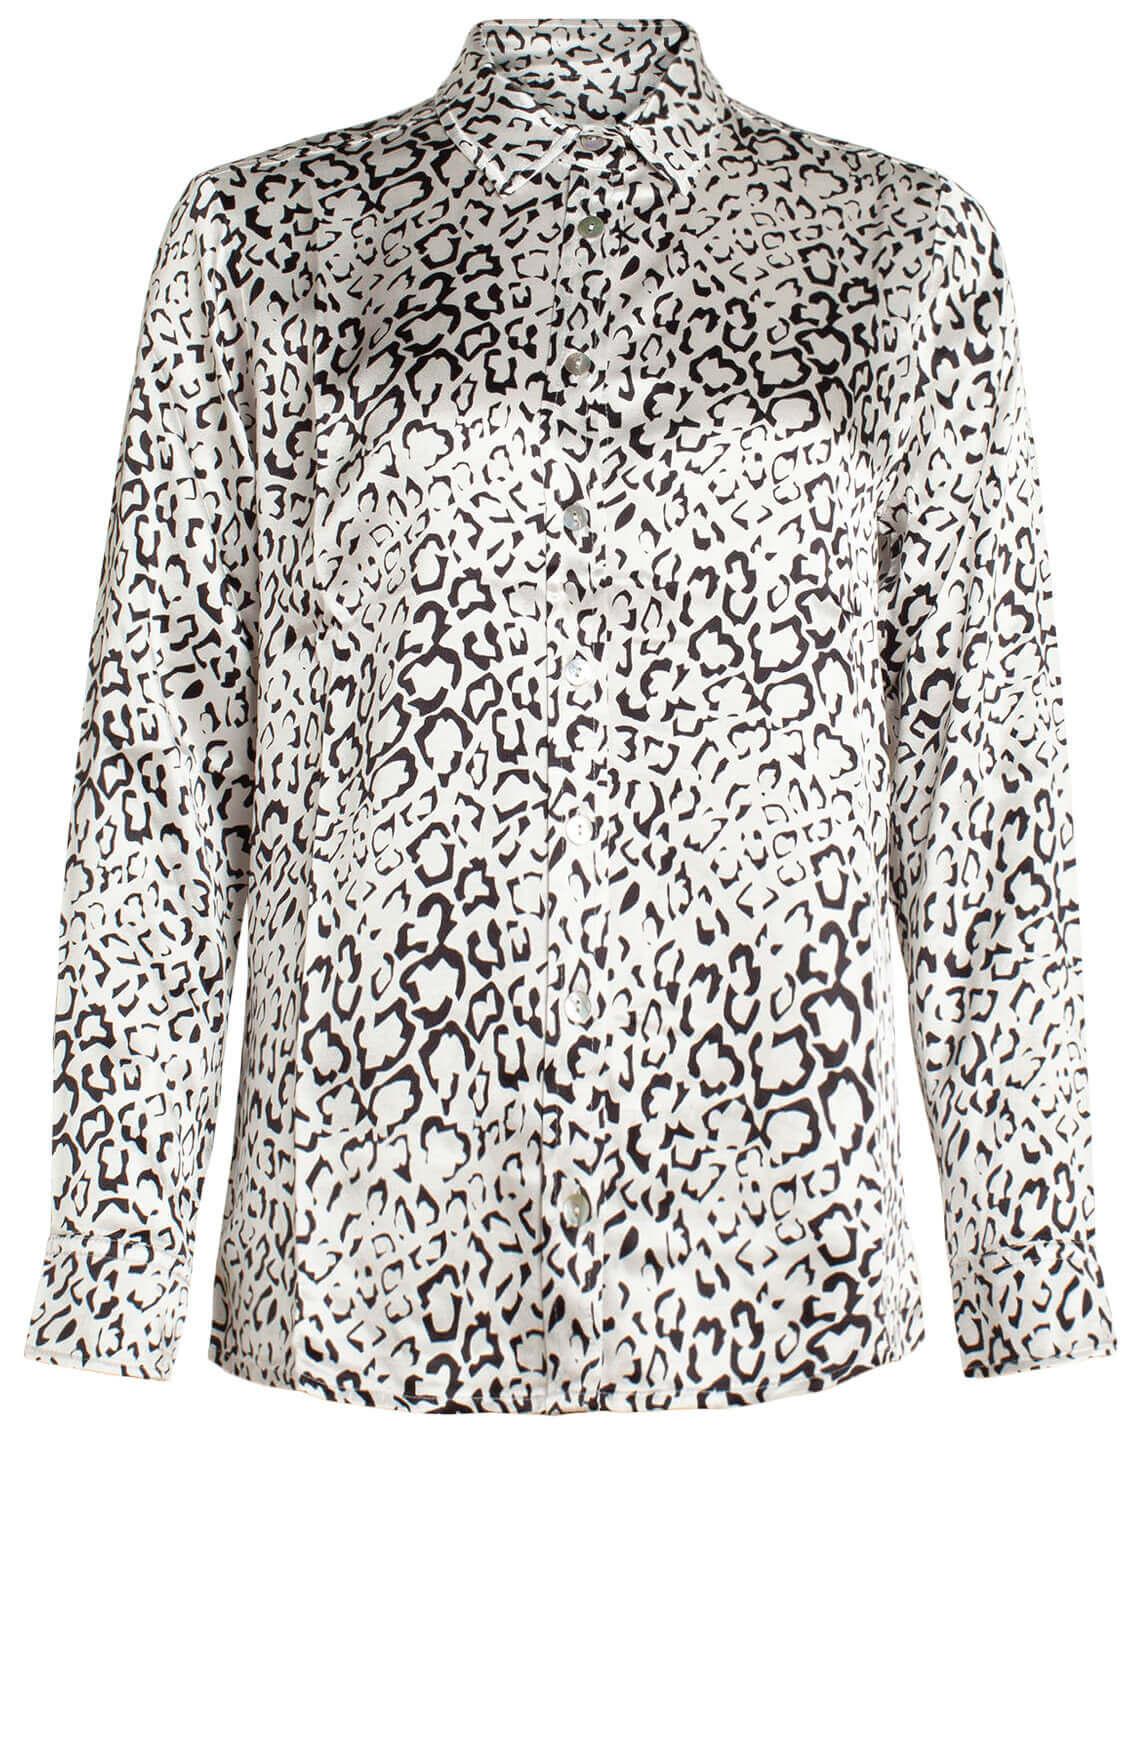 Alix The Label Dames Panterprint blouse met satijn look wit